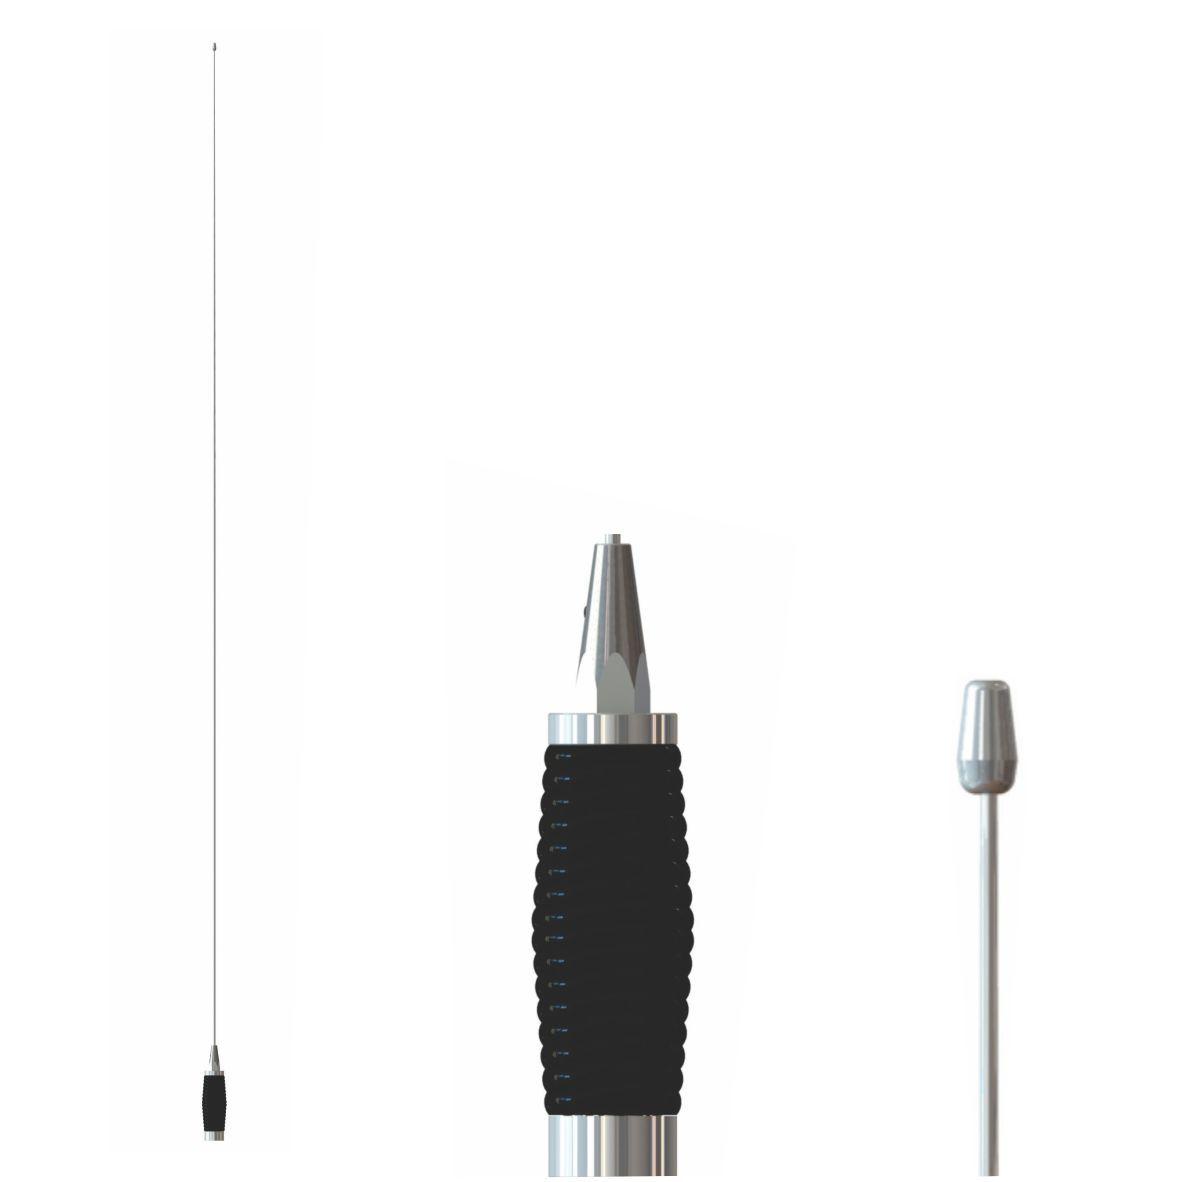 Kit Antena enfeite Caminhonete / Pick-up - AP5000